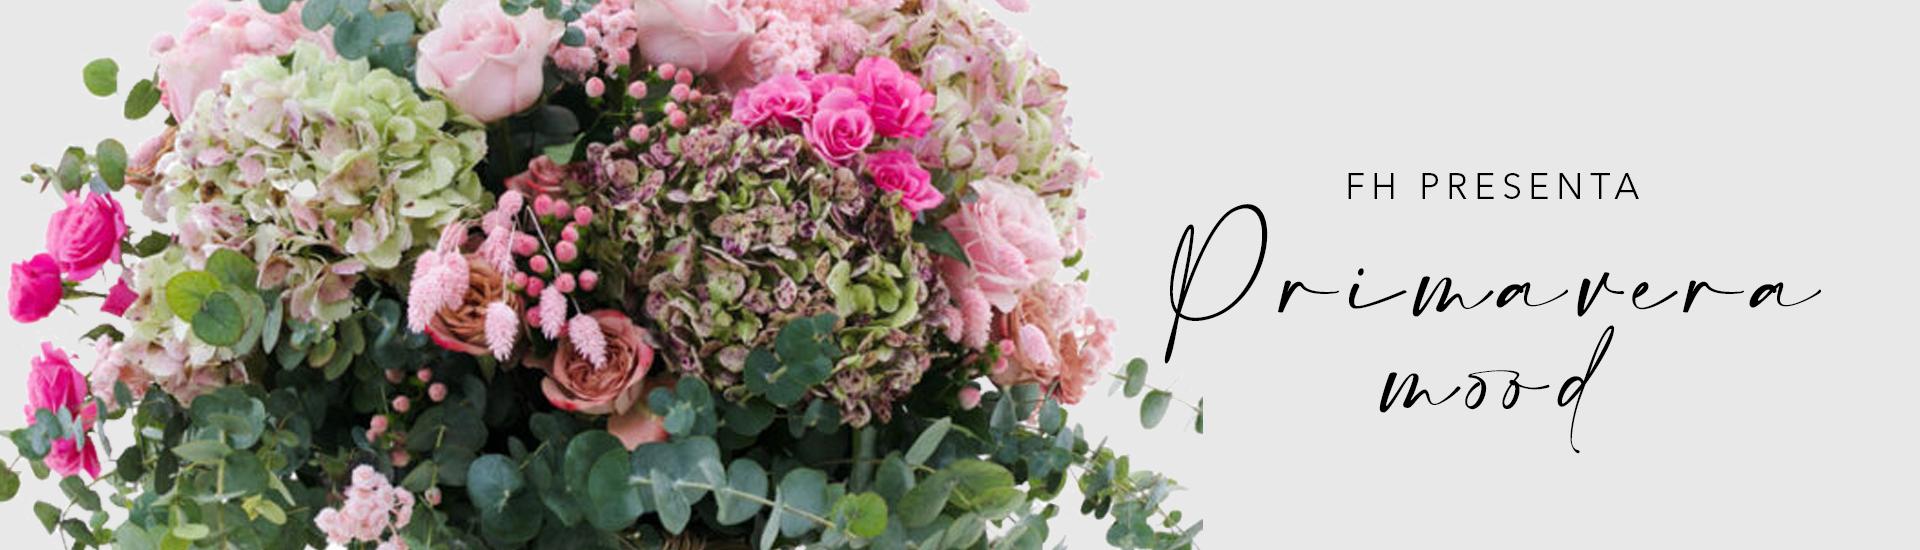 FH floristería-Fernand Hijo-Flores y decoraición-Murcia-Ramos de flores envíos